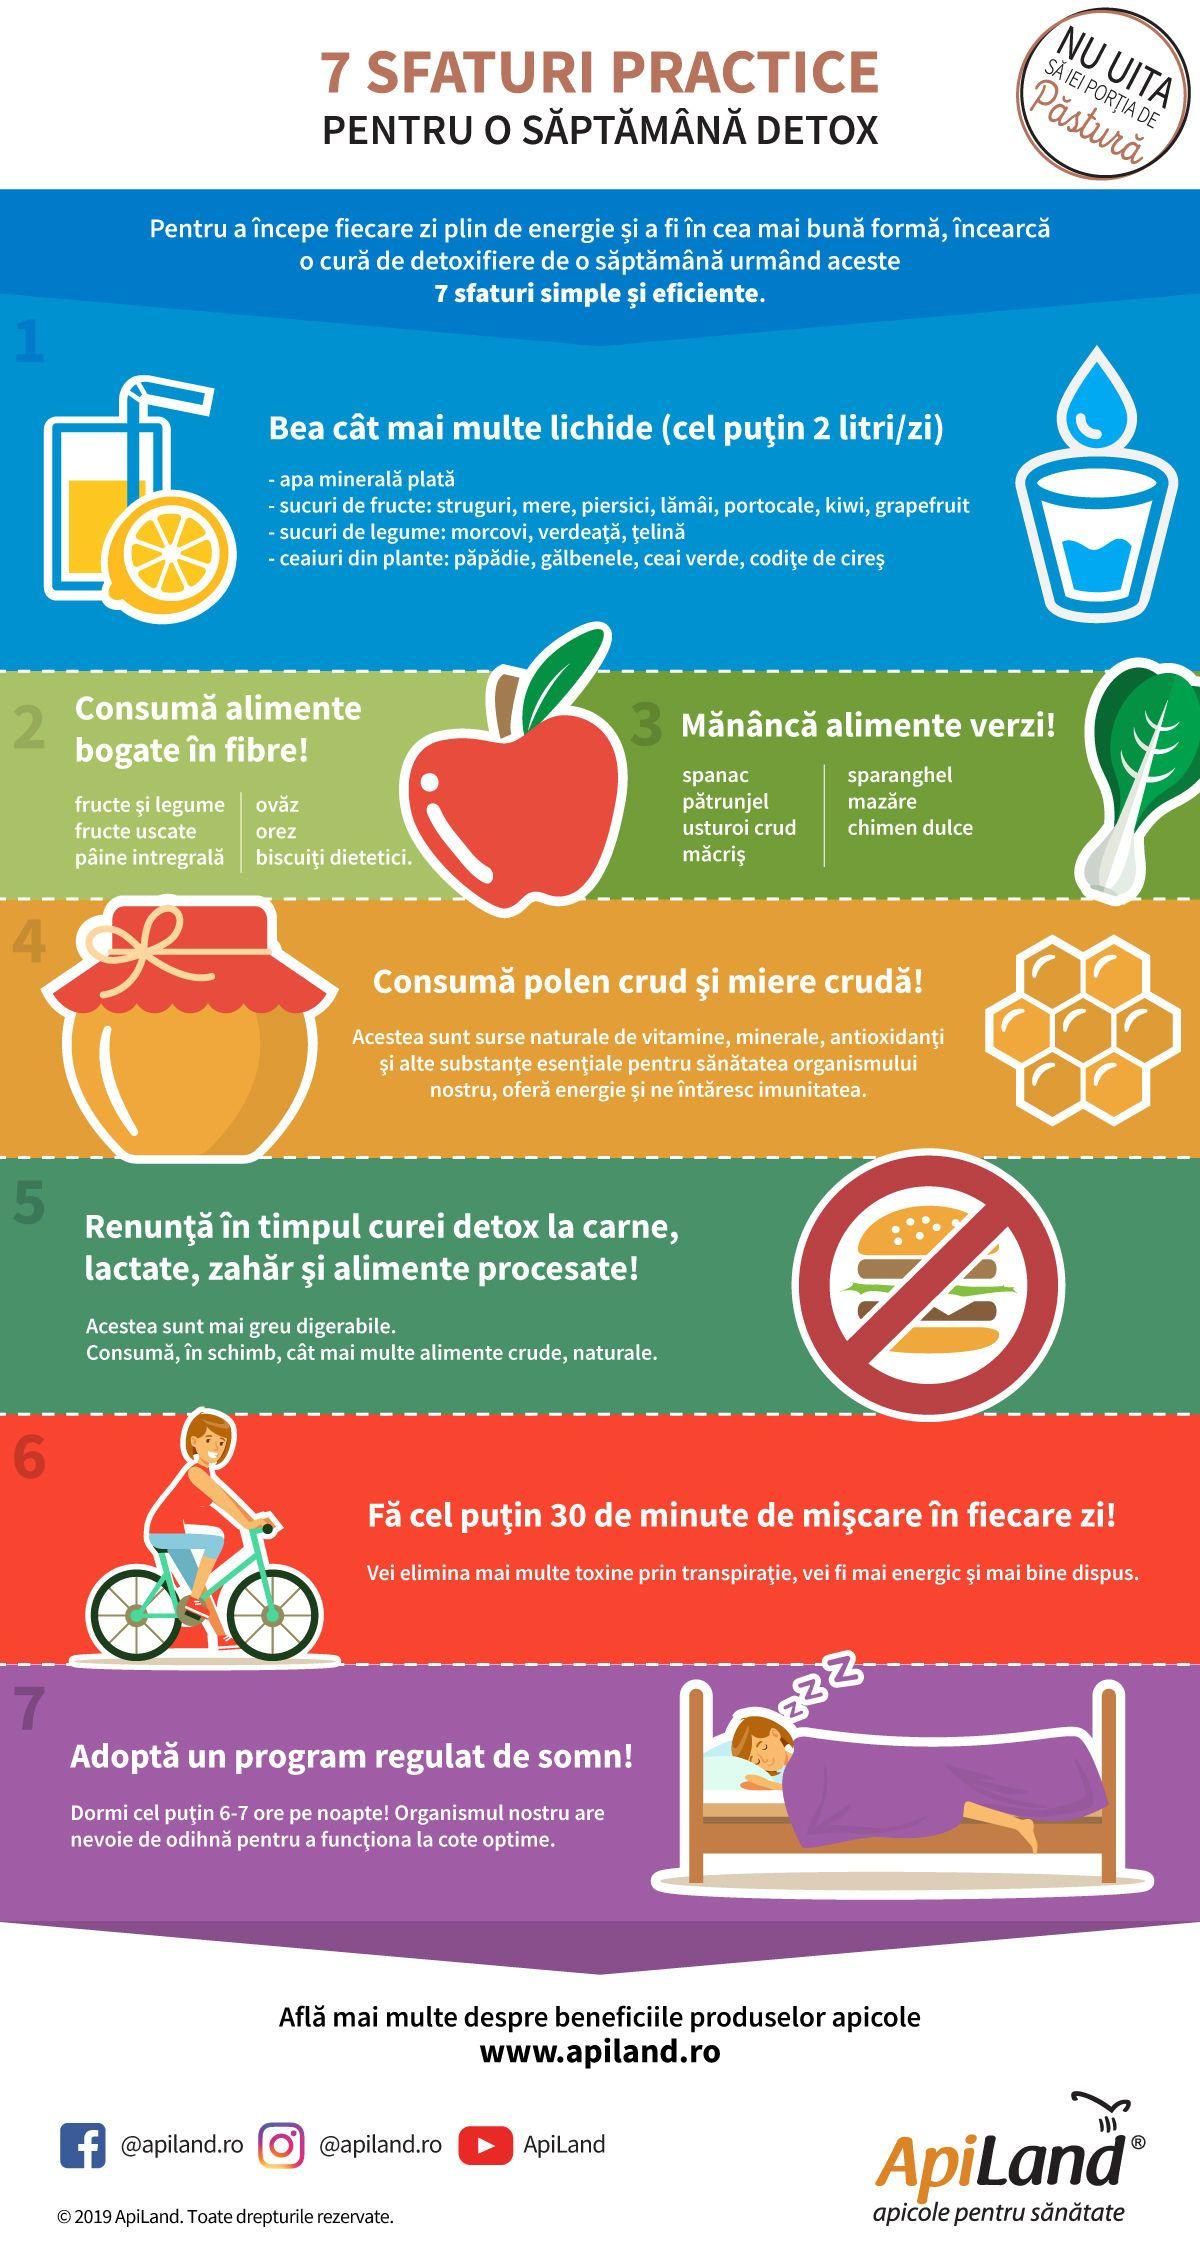 Suplimente alimentare detoxifiere